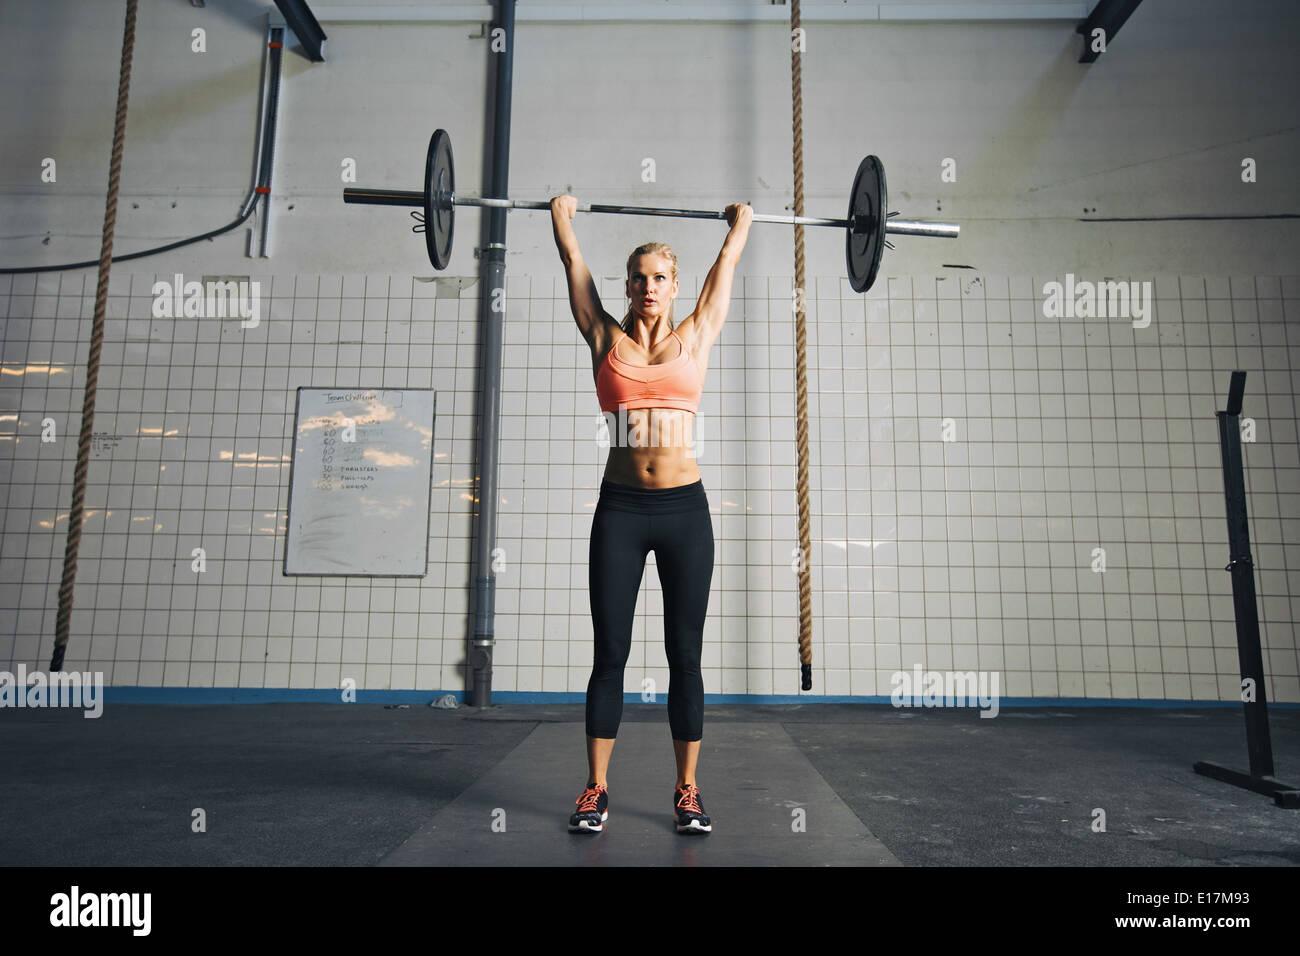 Imagen de longitud completa de fuerte joven con barbell y placas de peso haciendo ejercicio crossfit toldo. Colocar atleta femenina. Imagen De Stock